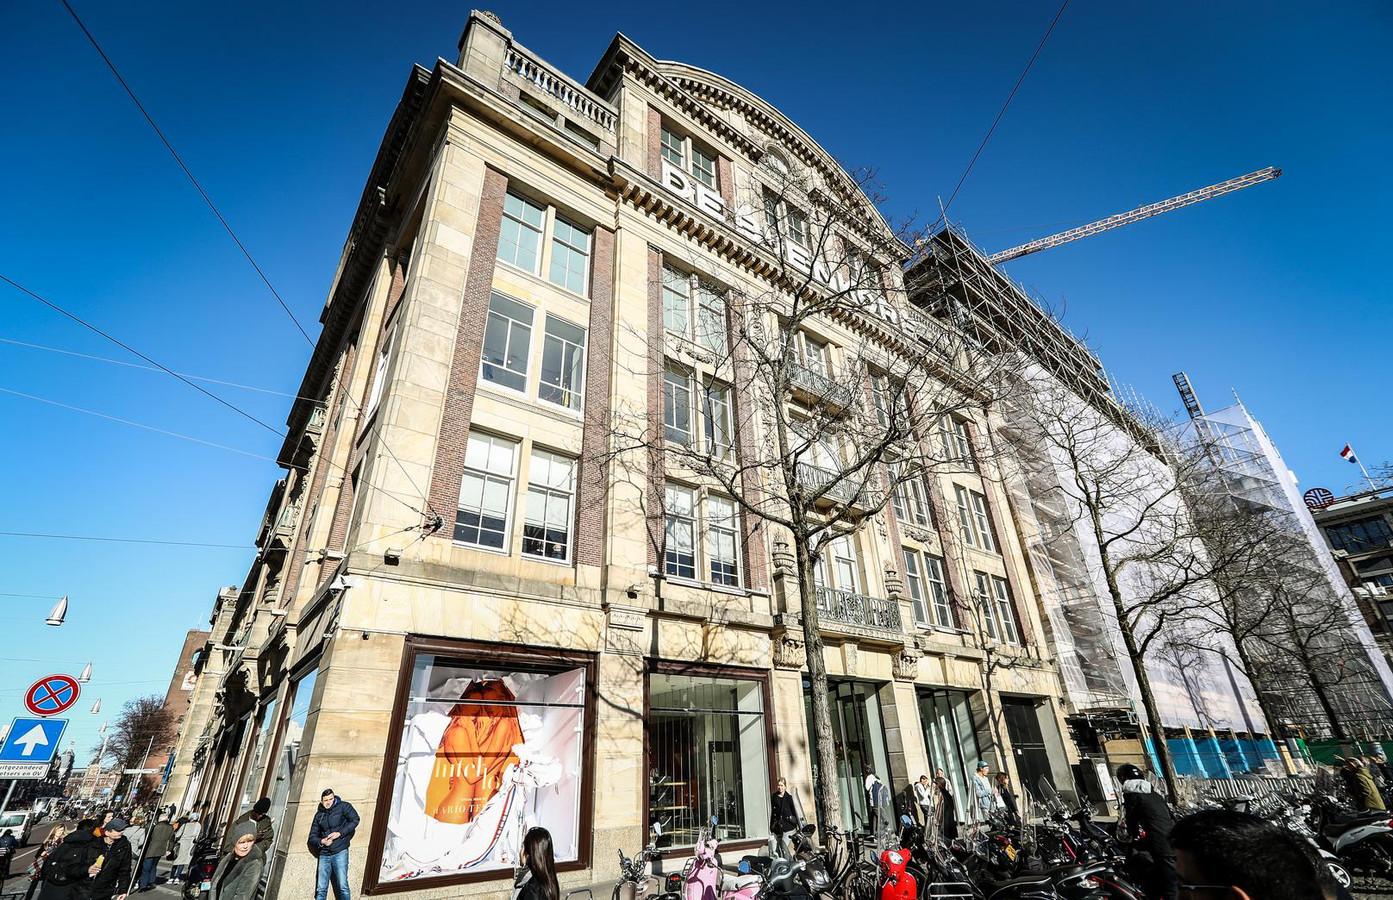 De Bijenkorf in Amsterdam.